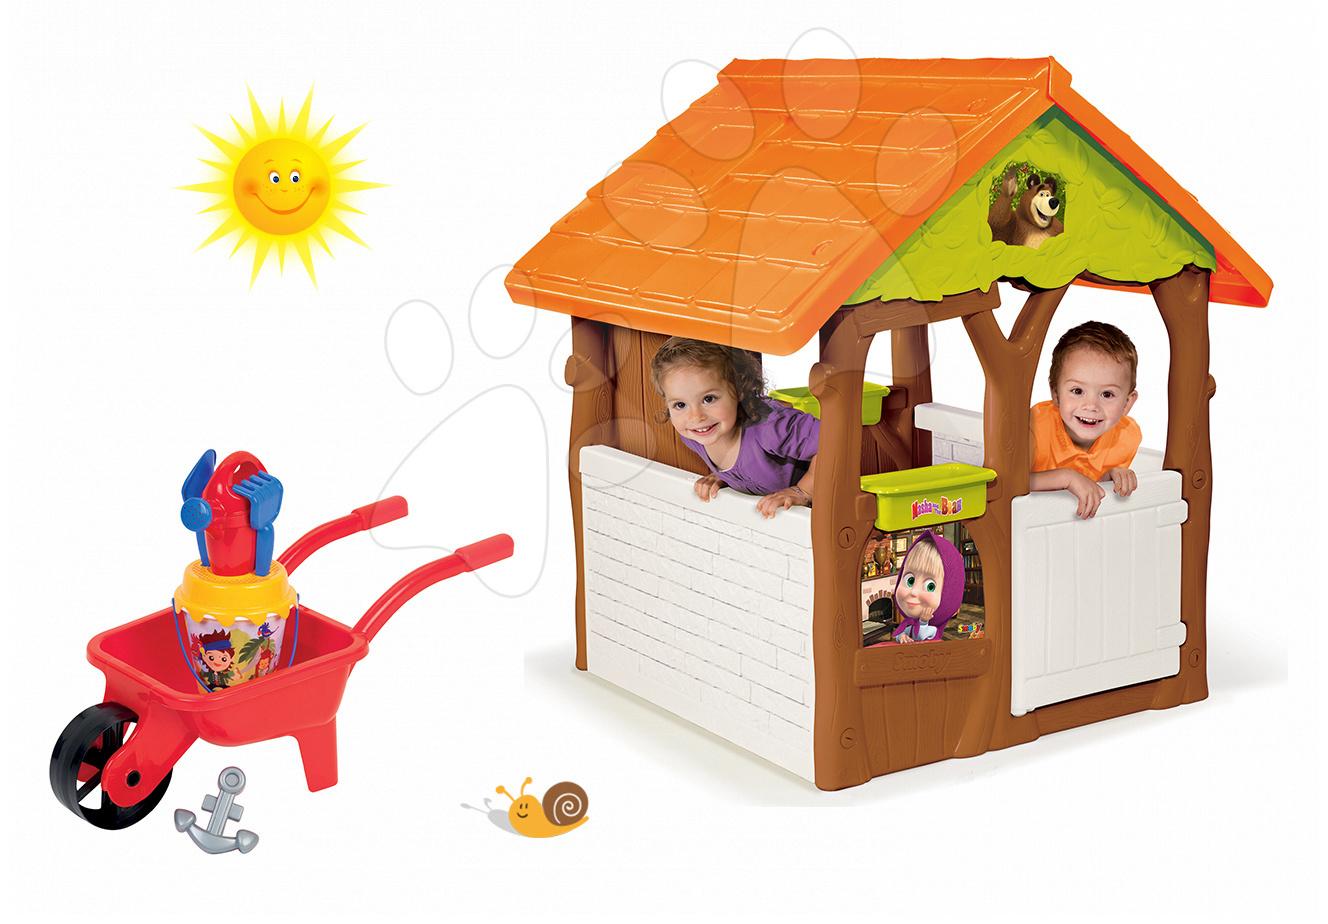 Set domeček Máša a medvěd Smoby s květináčem a kolečko do písku s kbelík setem od 24 měsíců